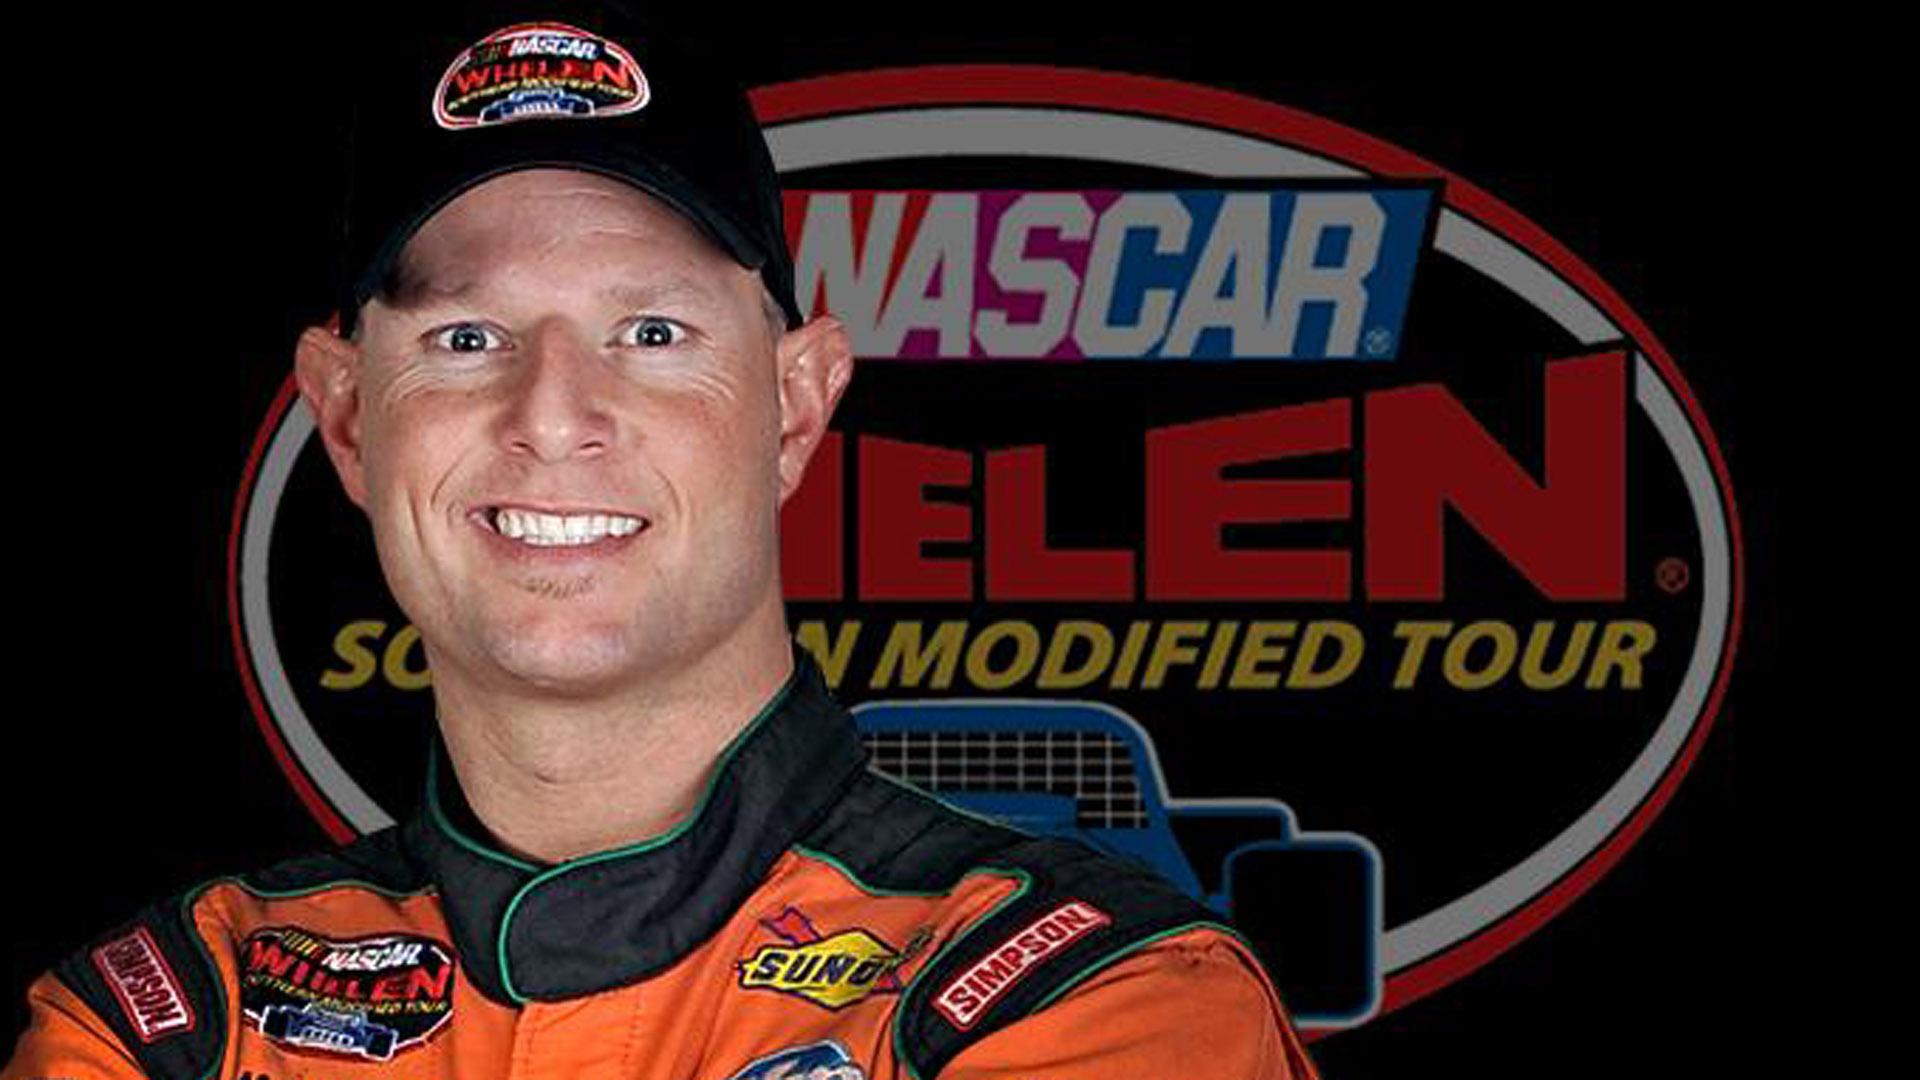 Burt Myers-060214-NASCAR-FTR.jpg